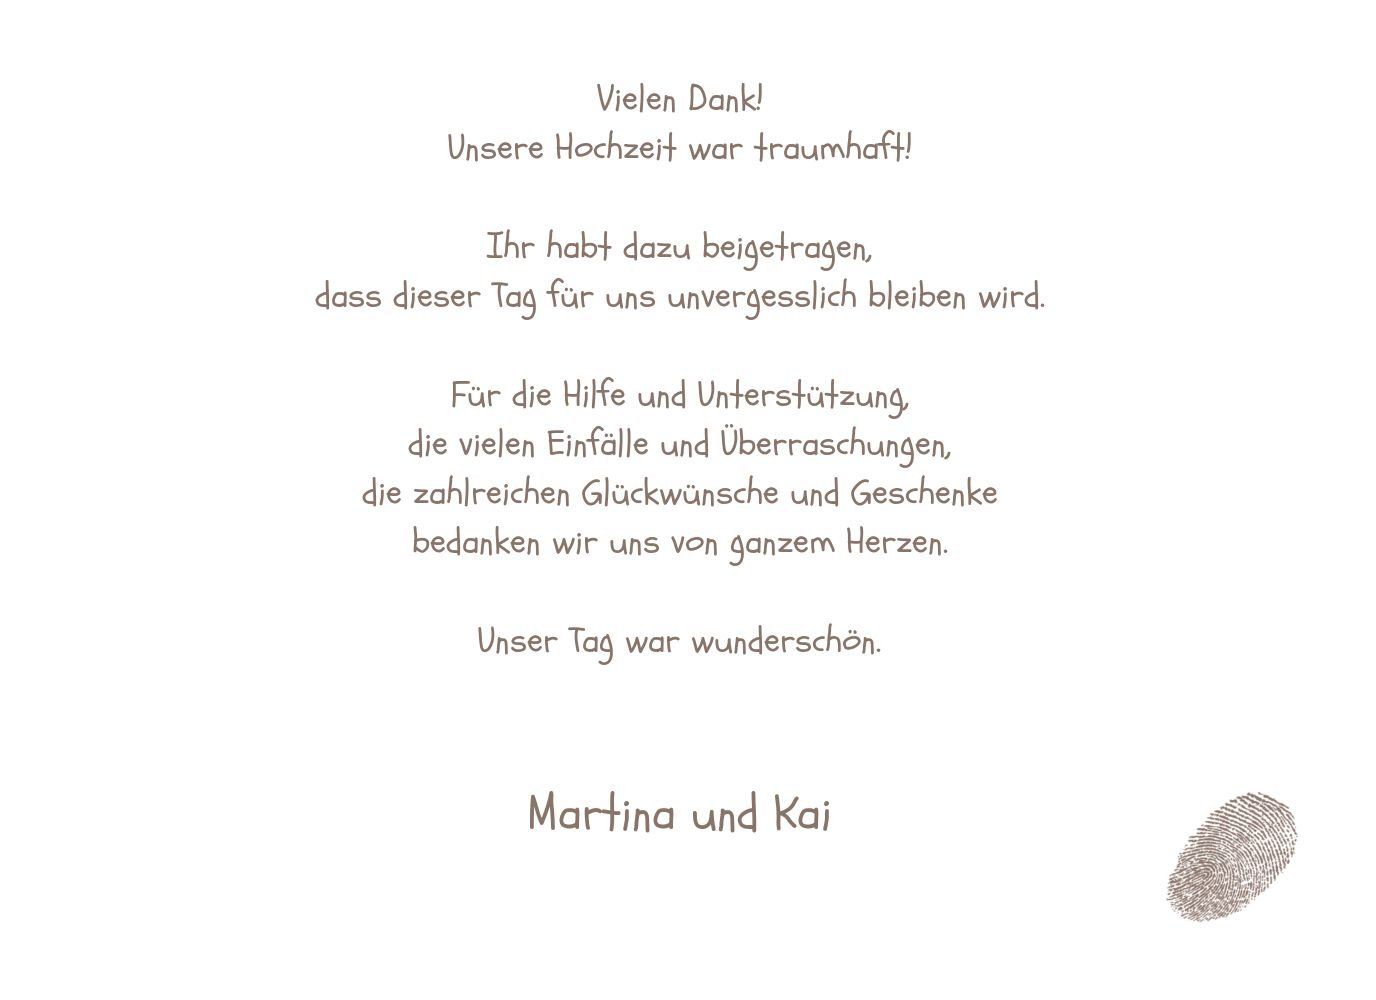 Kartenparadies Danksagung für Hochzeitsgeschenke Hochzeit Dankeskarte fingerprint, hochwertige Danksagungskarte Danksagungskarte Danksagungskarte Hochzeitsglückwünsche inklusive Umschläge   20 Karten - (Format  148x105 mm) Farbe  Grau B01NAVM1KP | Zu verkaufen  | Ausg 519ee6